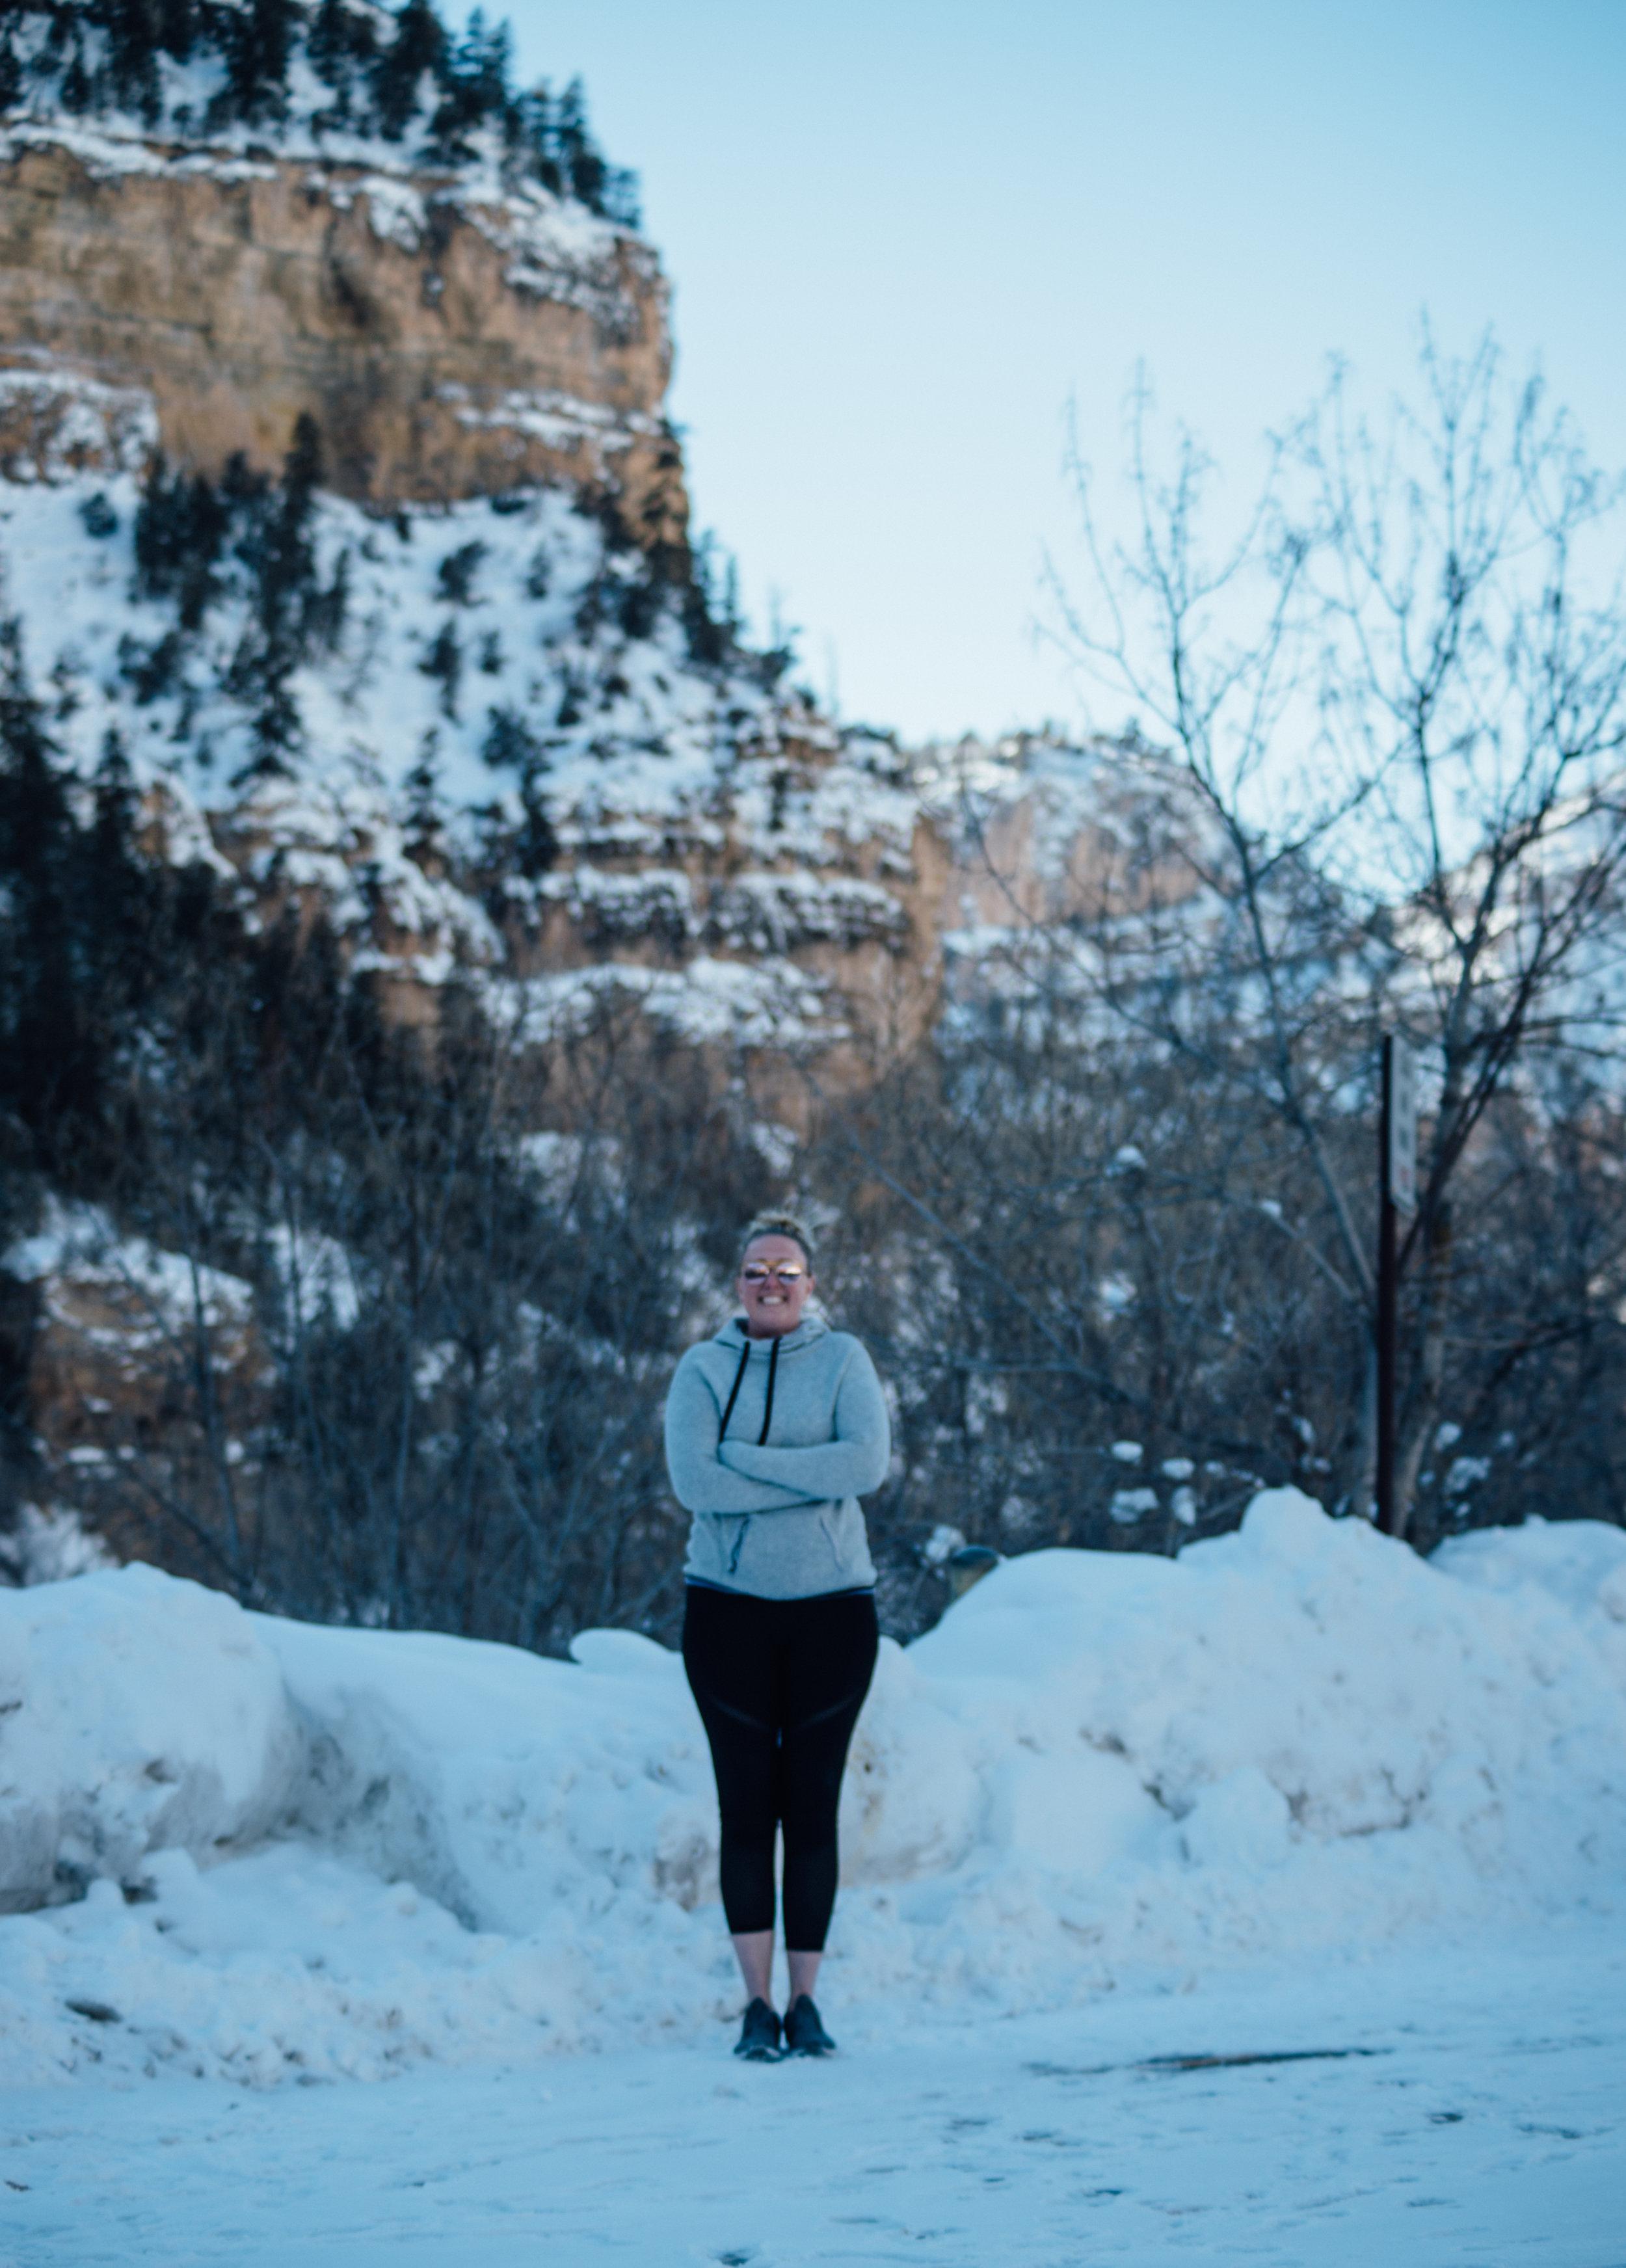 Colorado Feb 2019-1.jpg